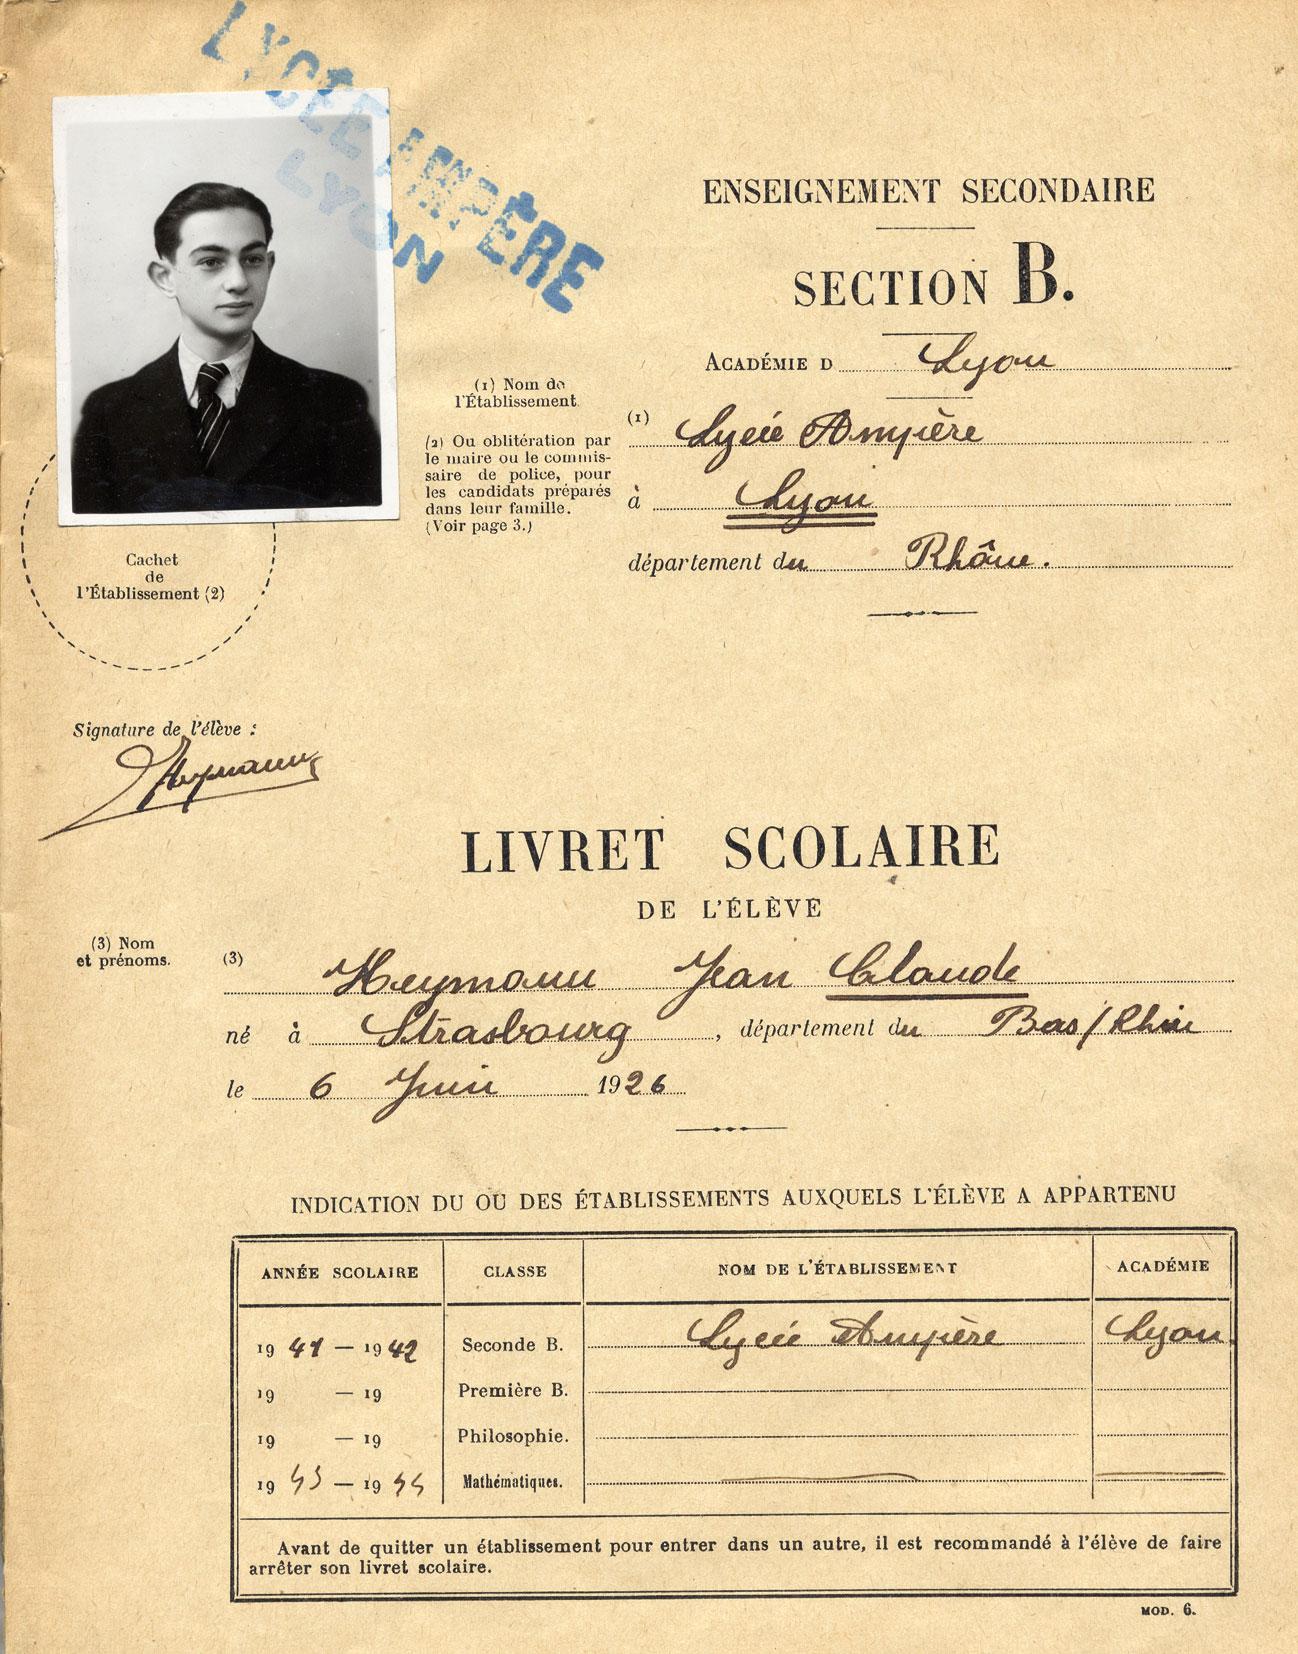 Livret scolaire du lycée Ampère de Jean-Claude, Heymann, Lyon